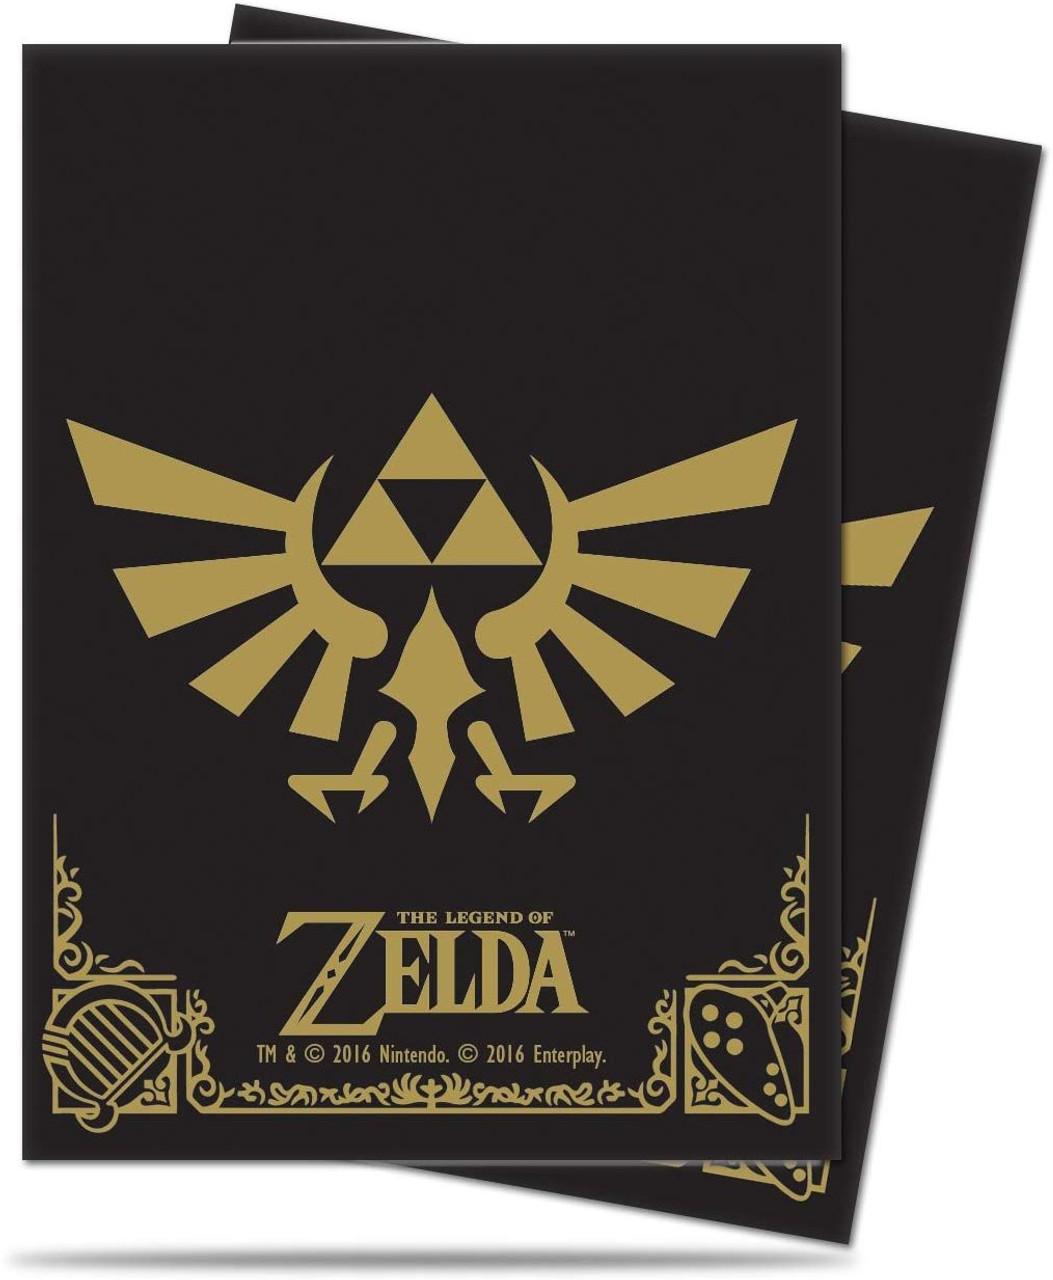 Deck Box - Legend of Zelda - Black & Gold - Special Order